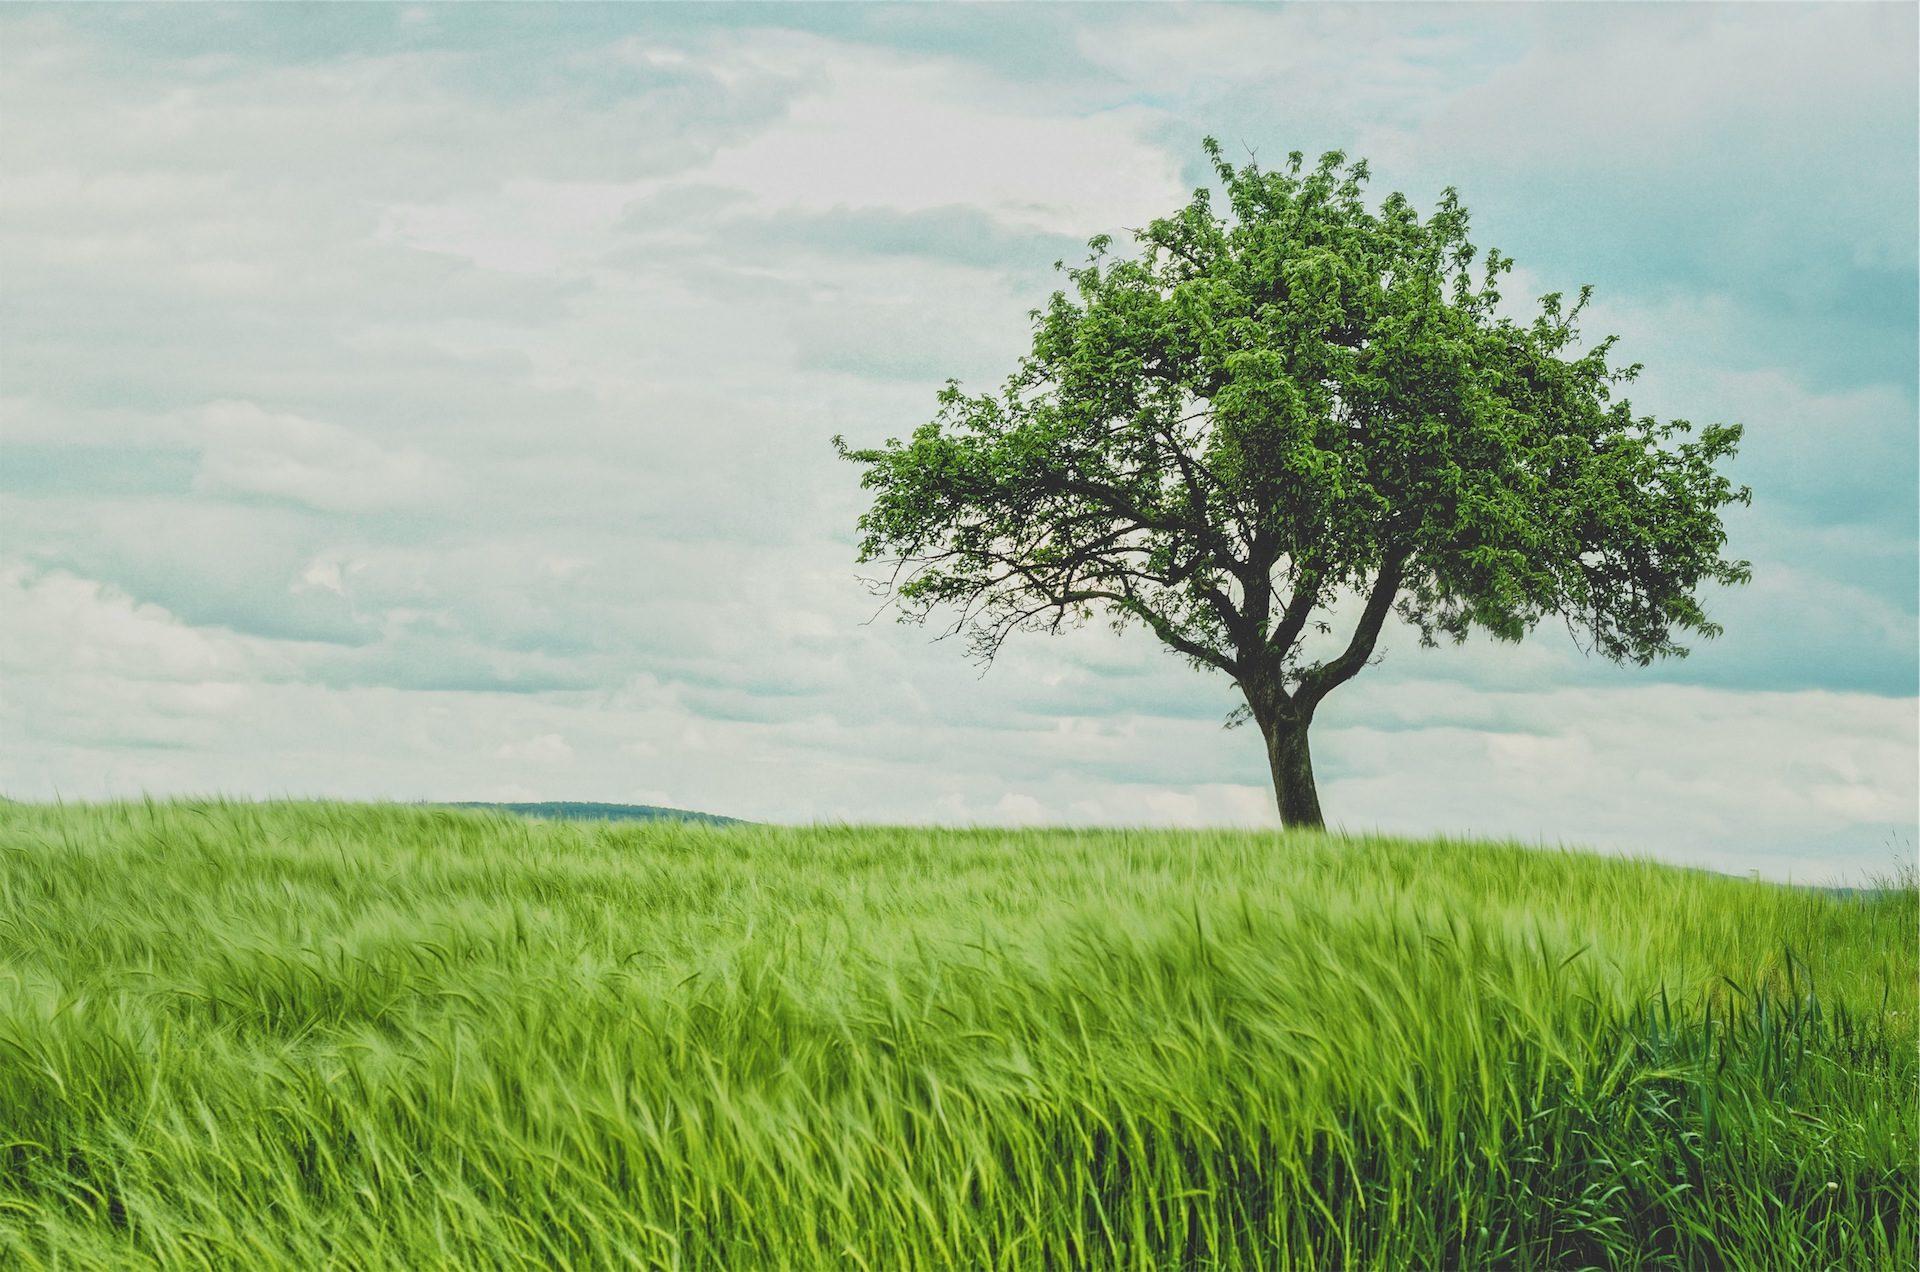 شجرة, سولو, pradera, المرج, العشب, الأخضر - خلفيات عالية الدقة - أستاذ falken.com